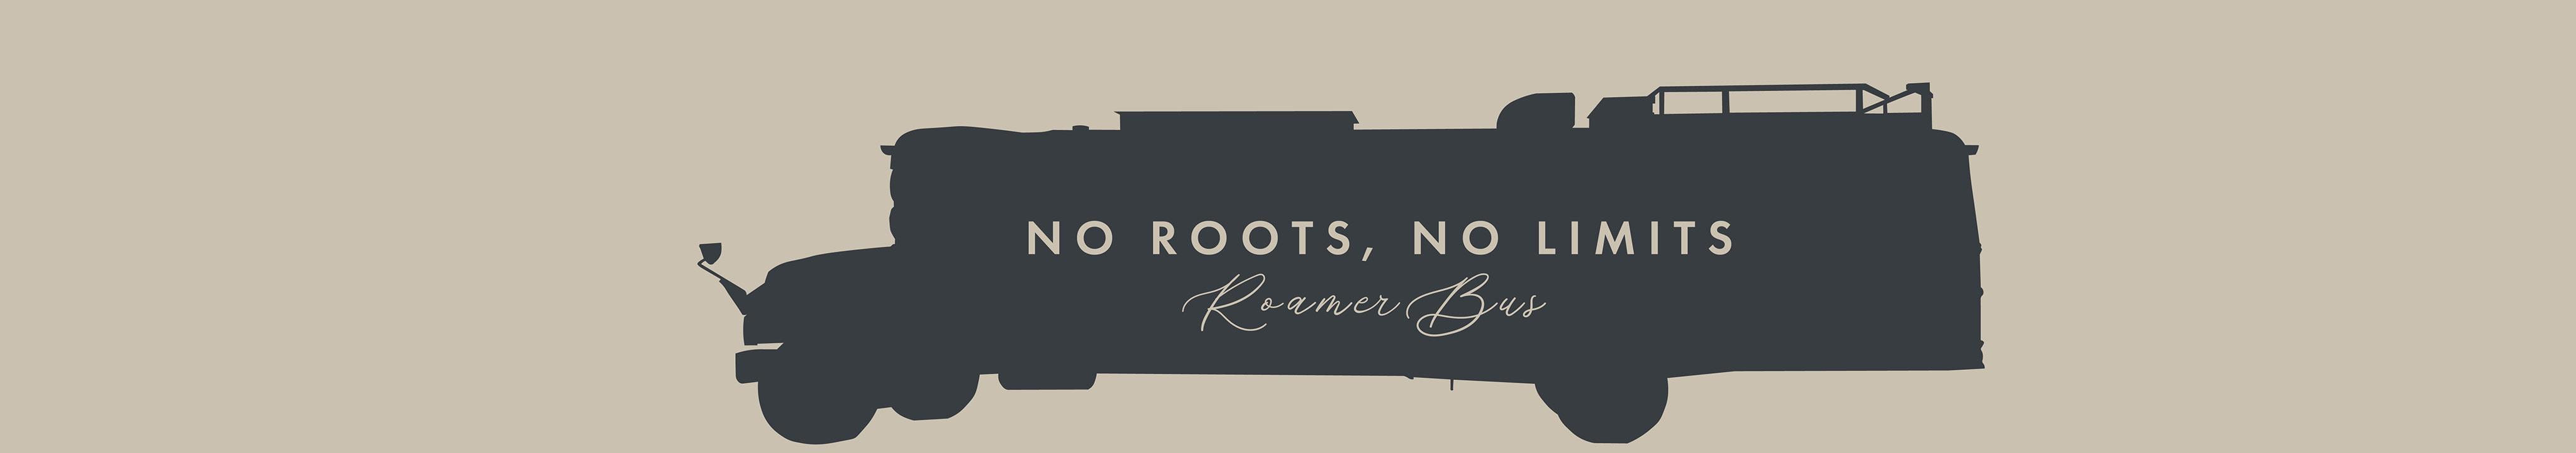 no roots, no limits